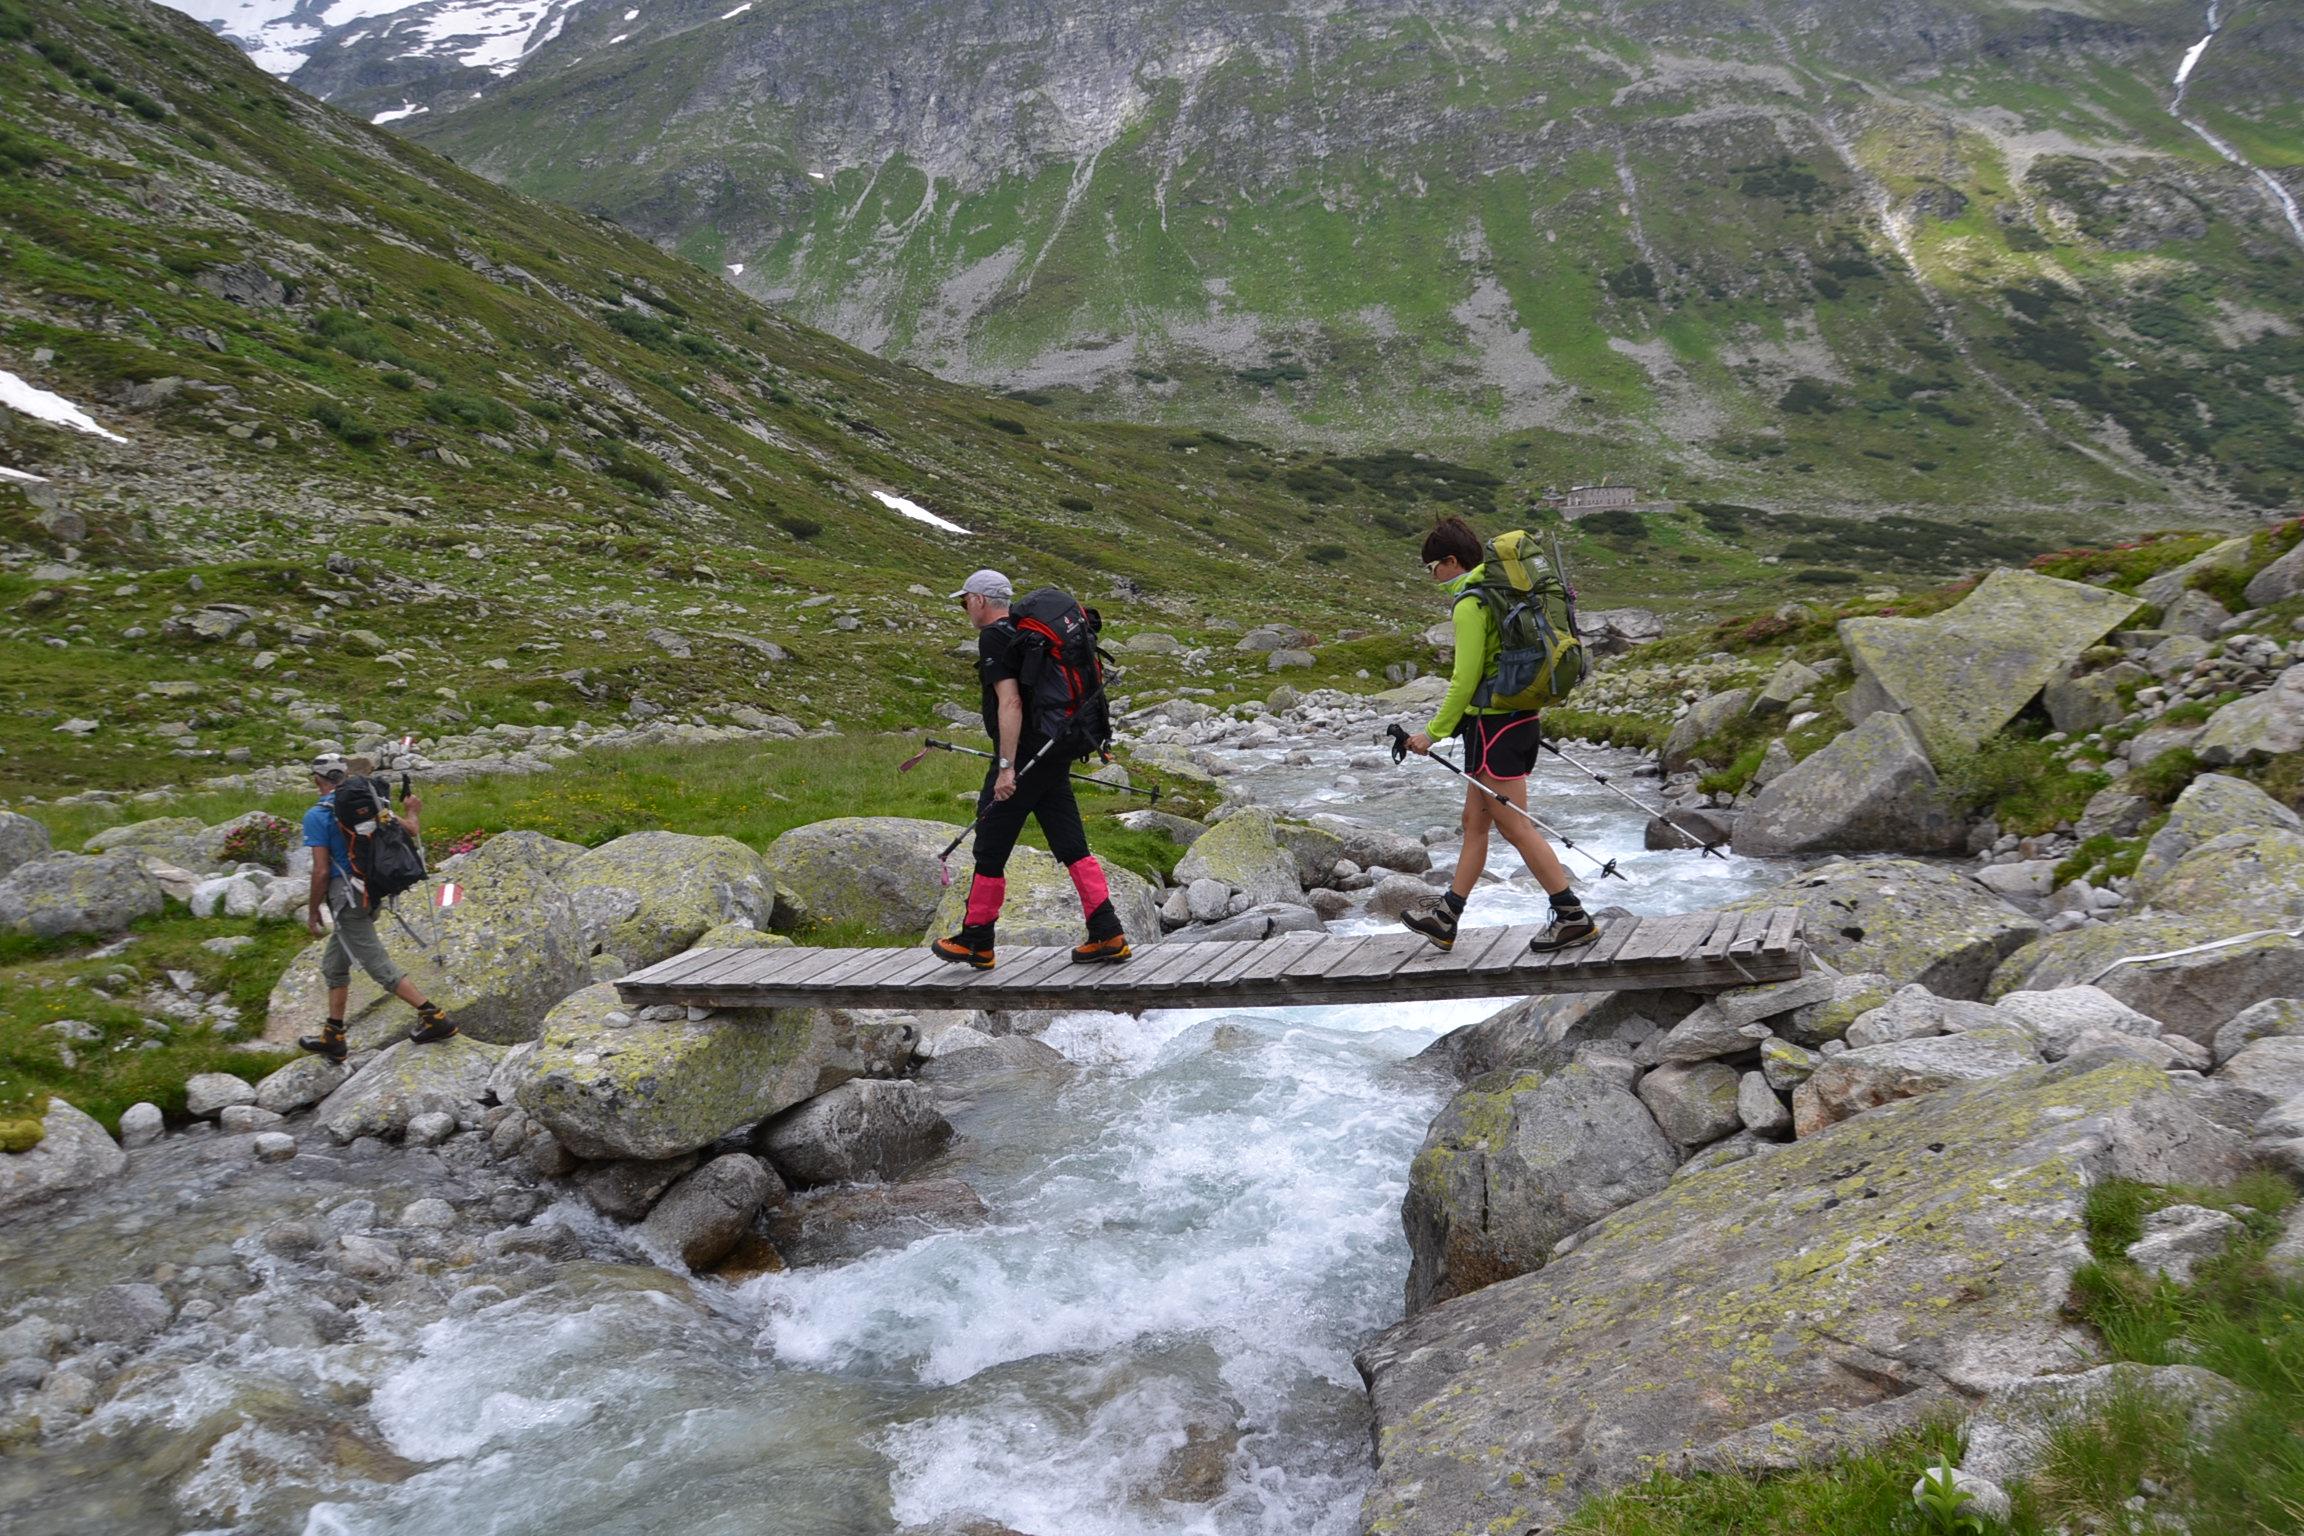 Wer am markierten Wanderweg bleibt, darf z.B. auch mit einer Brücke über den Bach rechnen … © Christina Schwann I bergundsteigen.blog